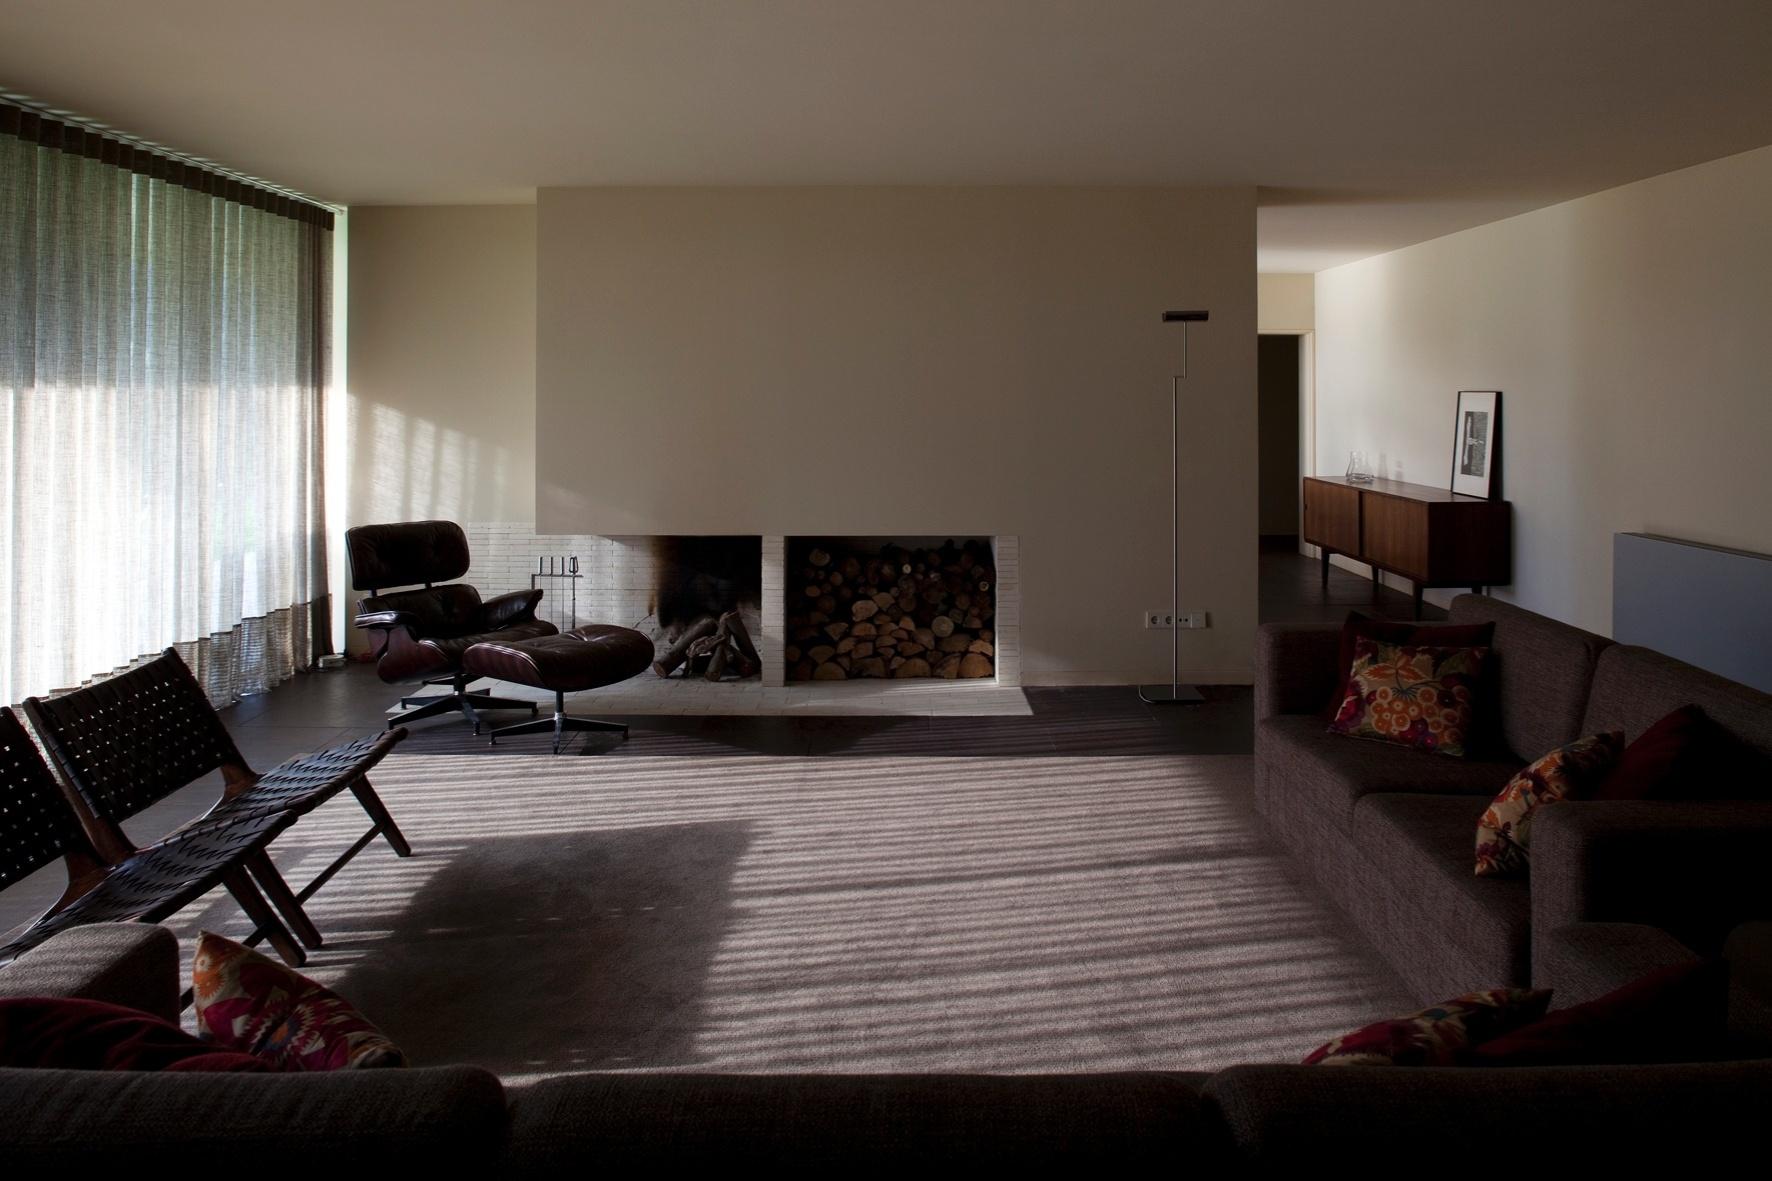 Na RF House, a sala de estar é sóbria e conta com uma lareira para aquecer os usuários nos dias mais frios. A casa, projetada pelo arquiteto Nuno Graça Moura, foi erguida em Marco de Canaveses, no norte de Portugal